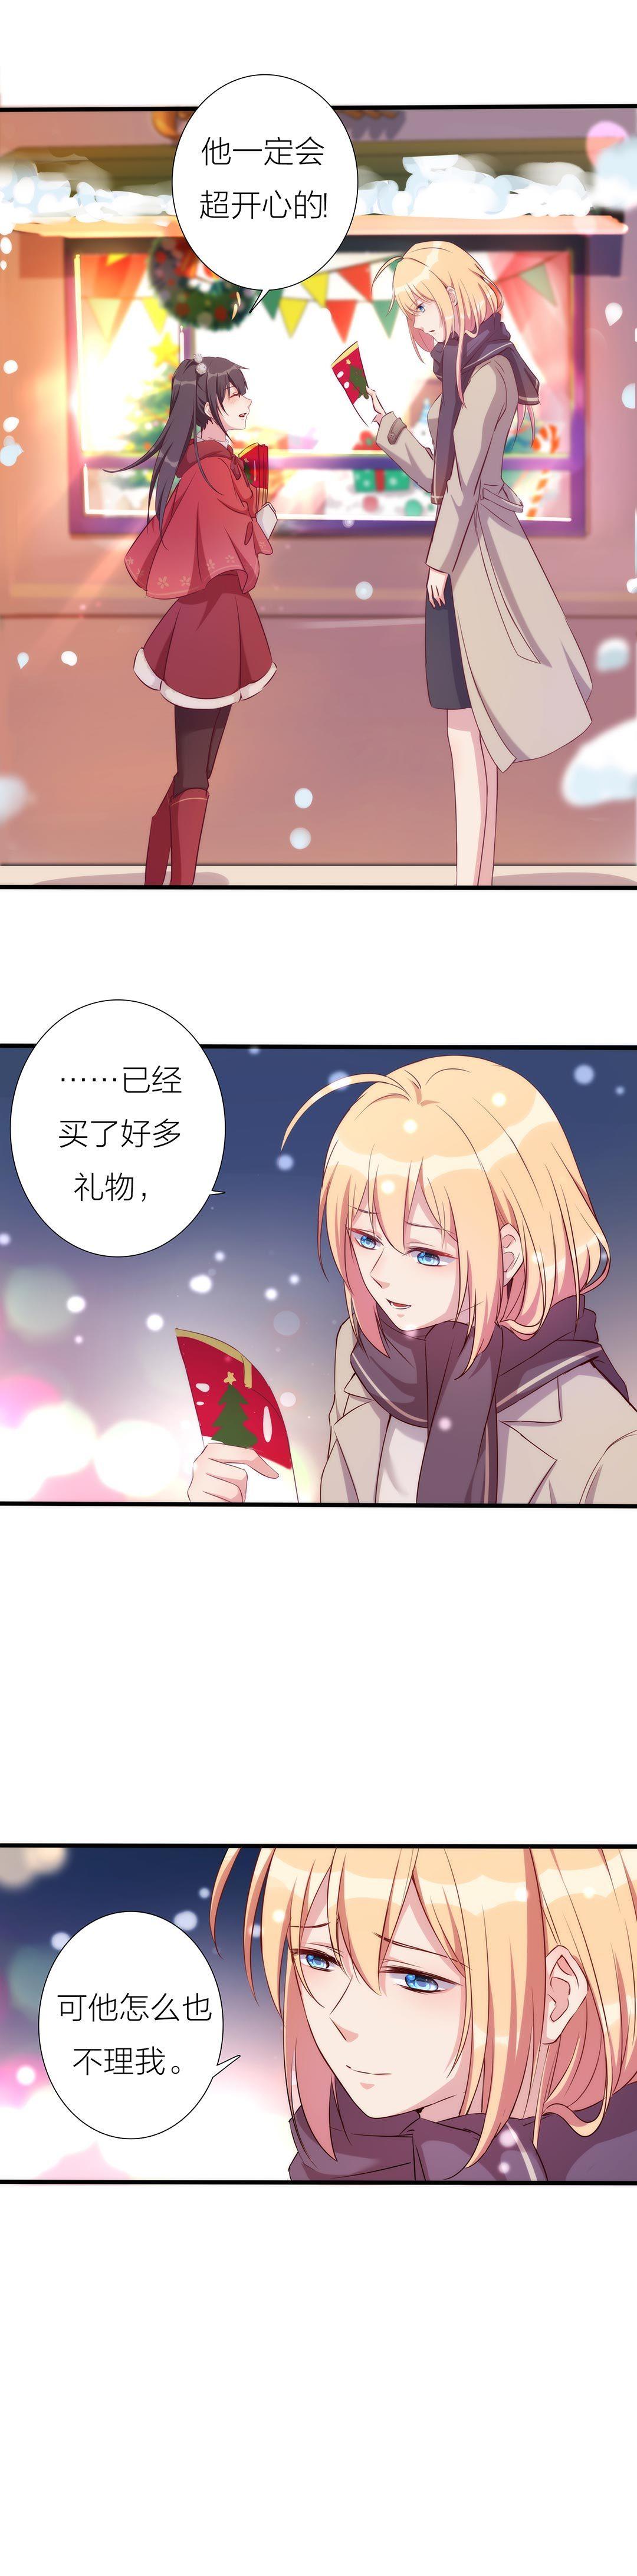 漫画:女主独自过圣诞节,滑倒那一刻被人给护住了,这人是谁?